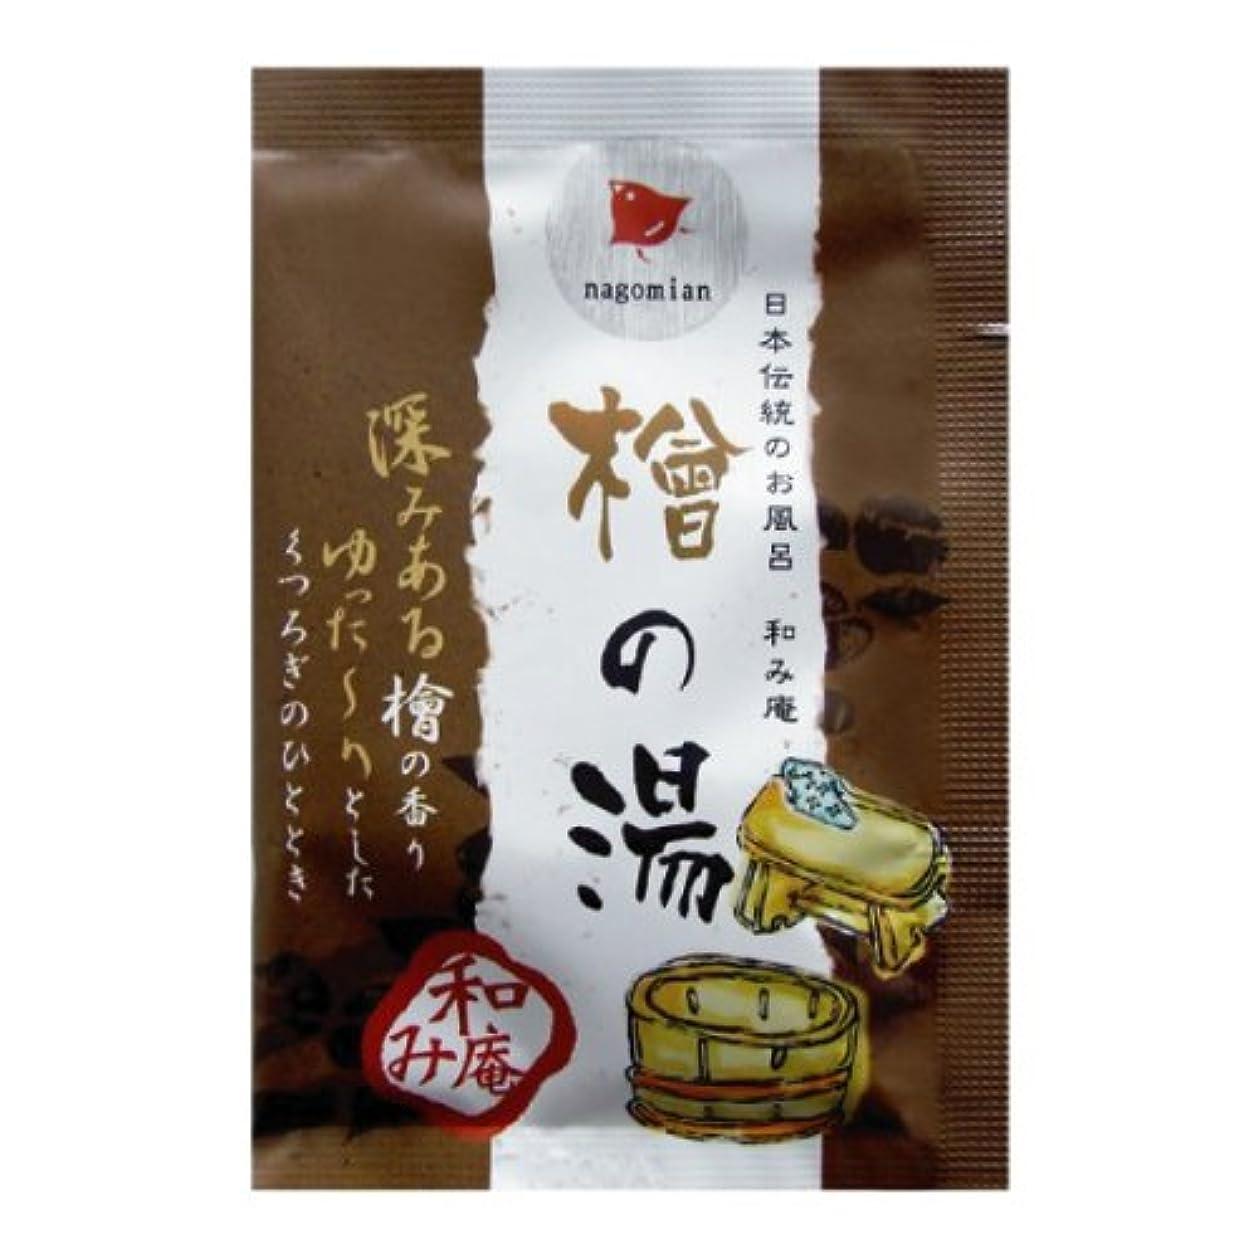 親密な嵐が丘流行日本伝統のお風呂 和み庵 檜の湯 200包